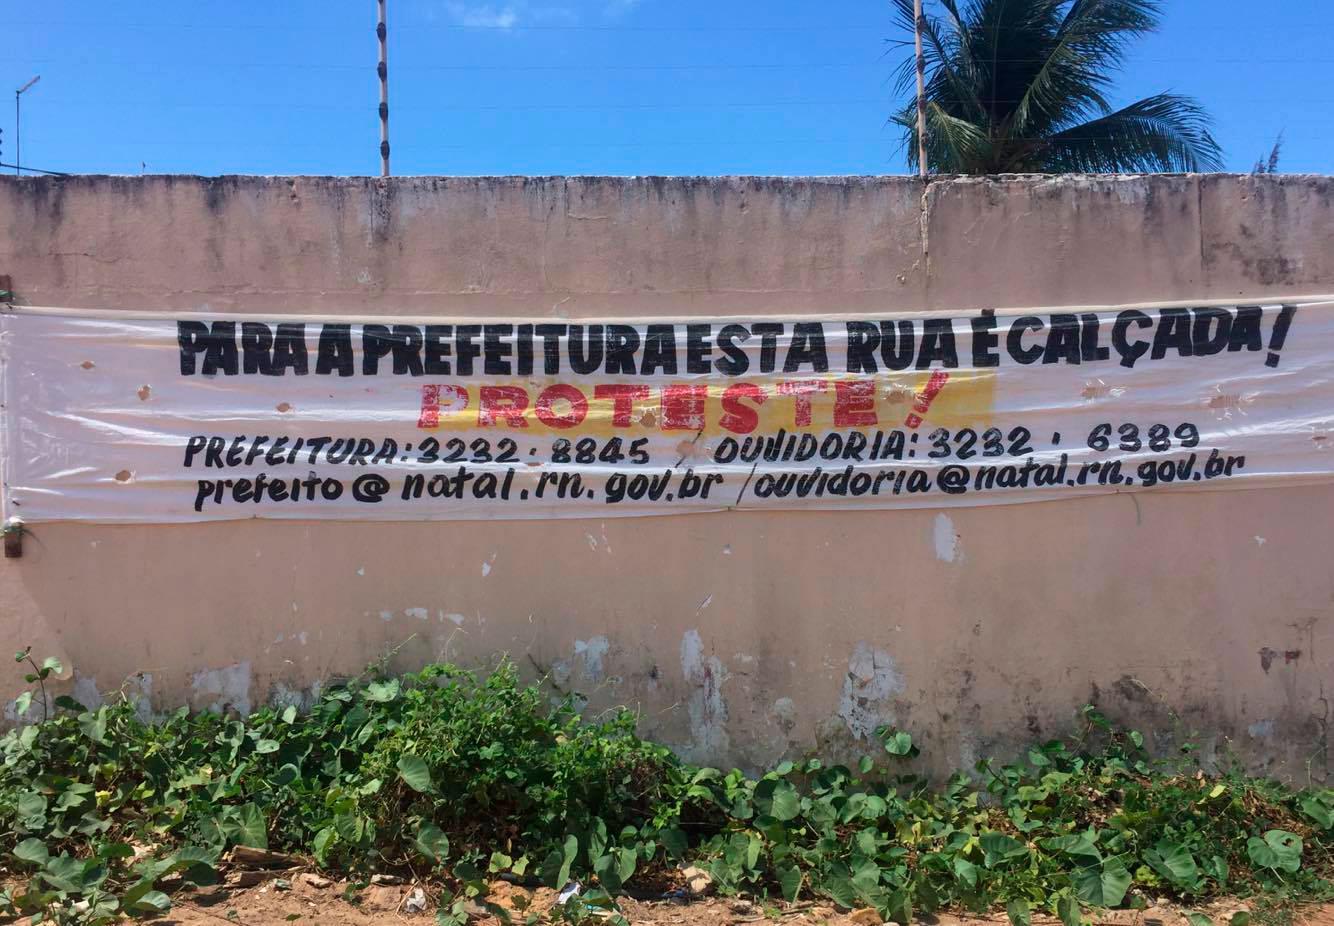 Prefeitura diz que rua de Capim Macio com terra batida é calçada e moradores revoltam